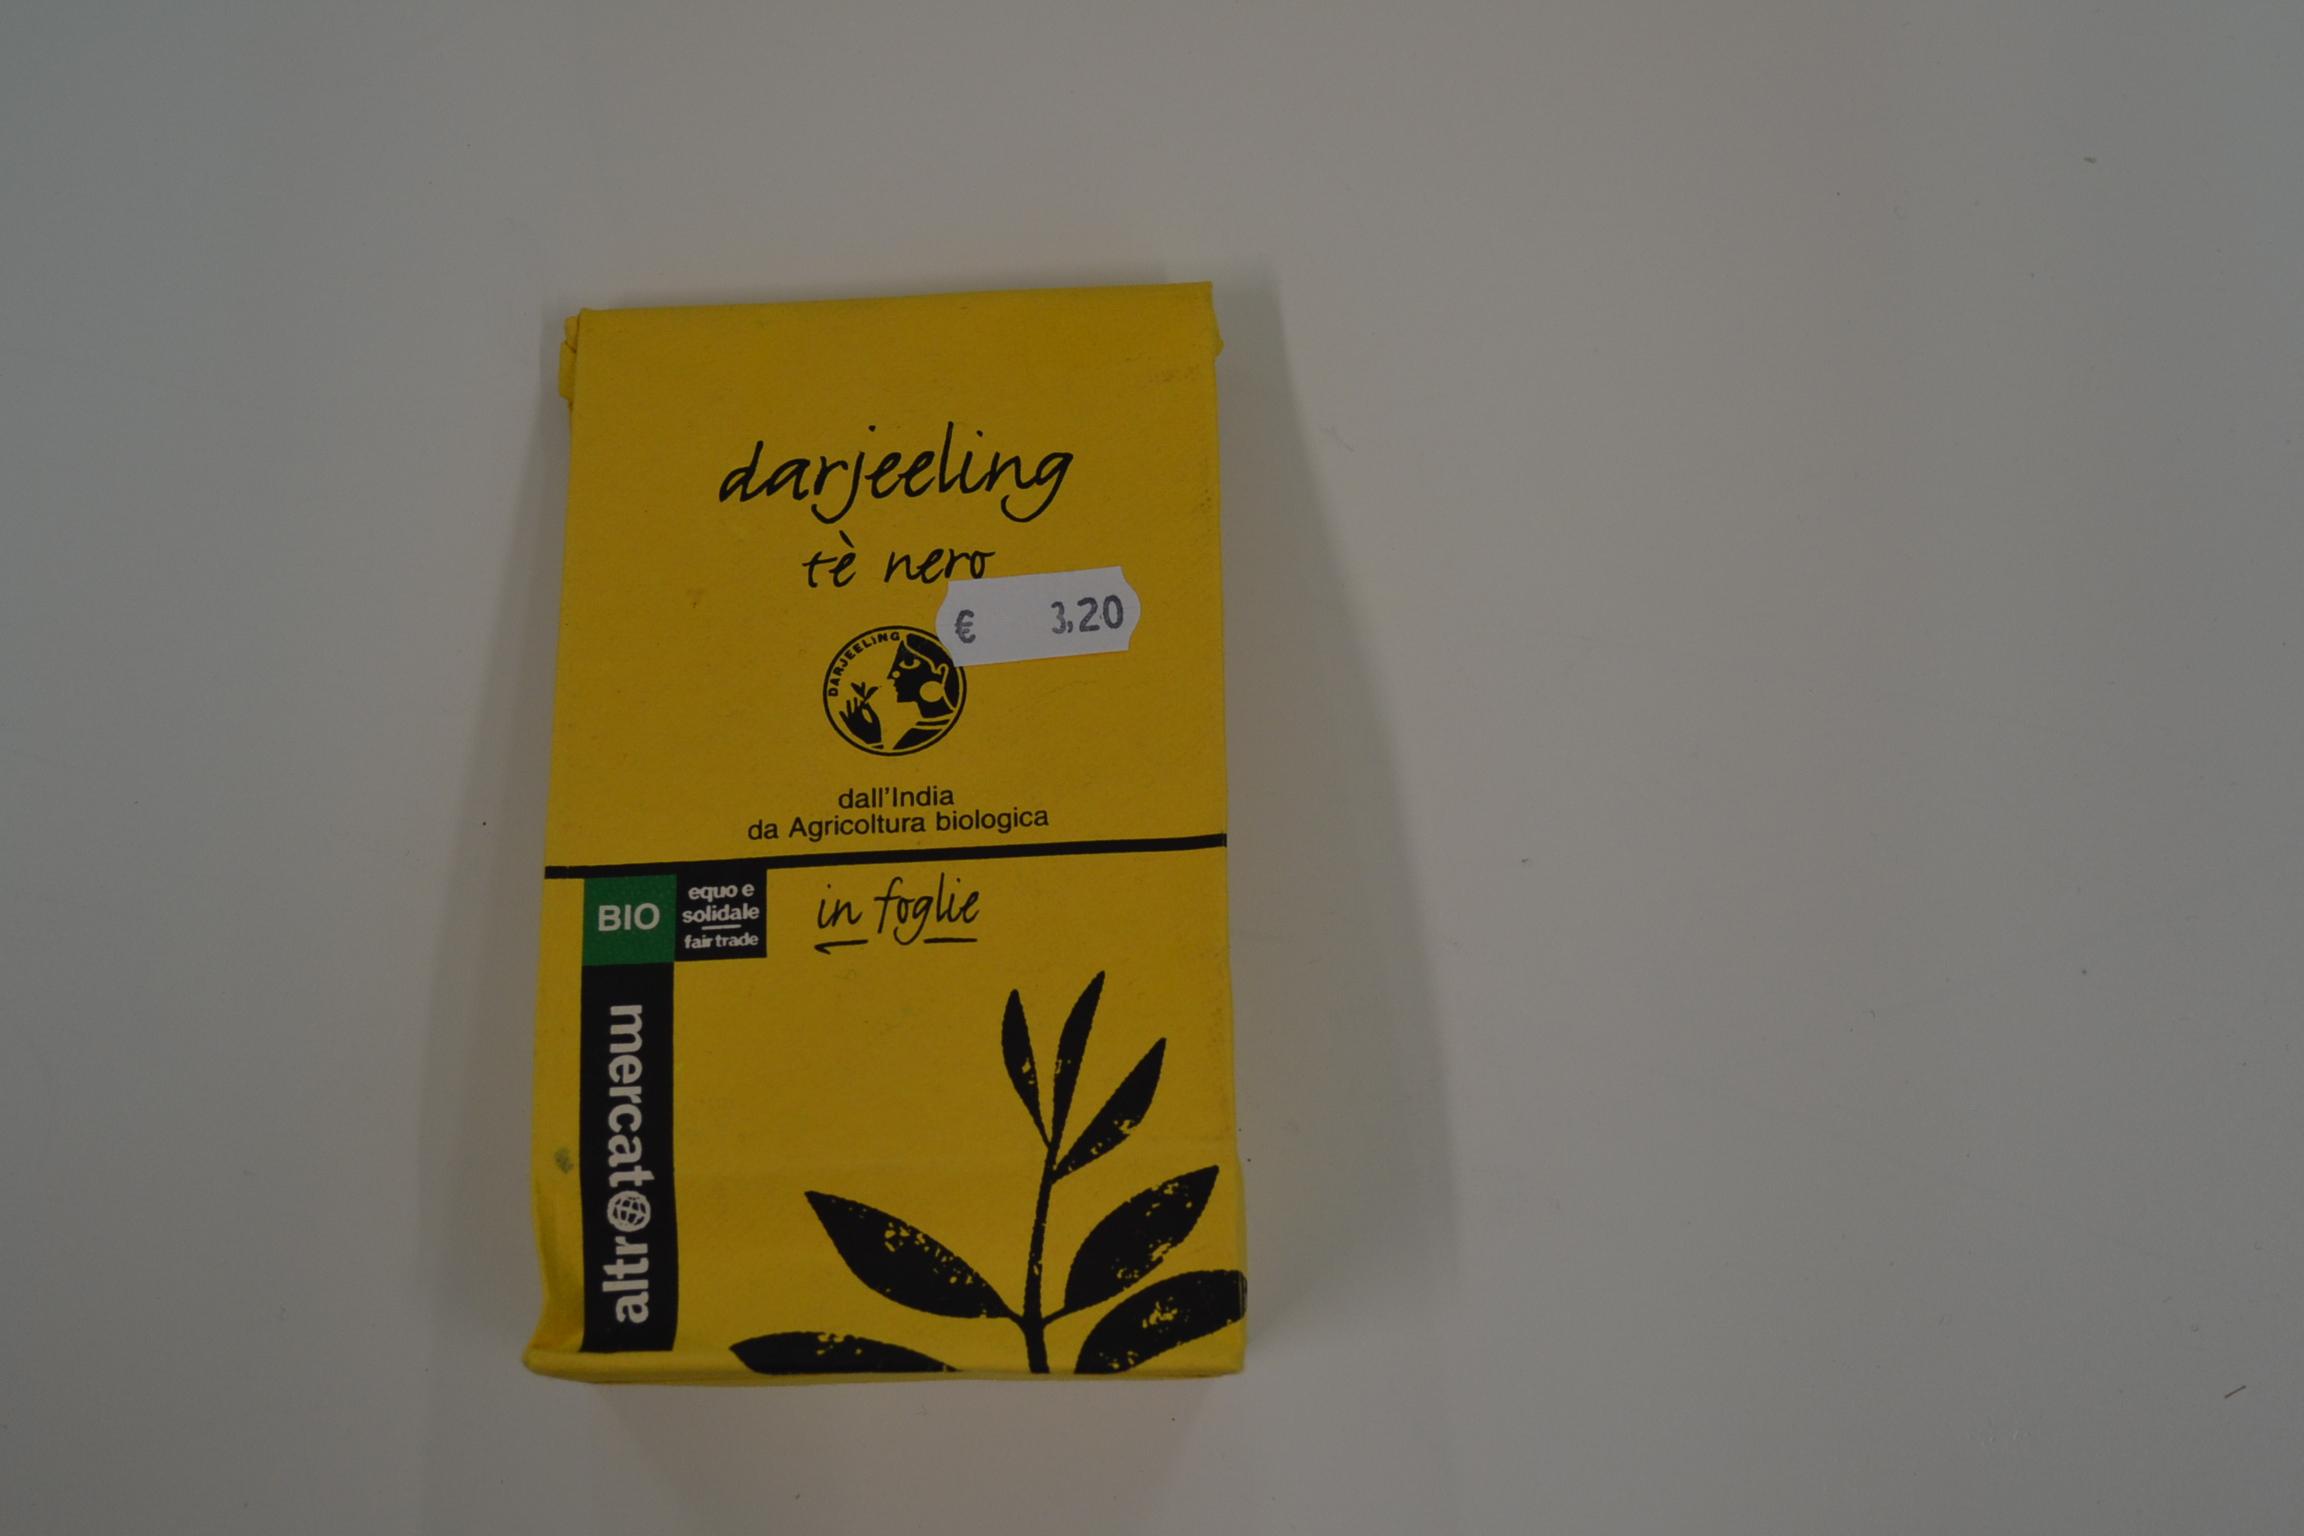 Darjeeling the nero in foglie ALTROMERCATO € 3,20